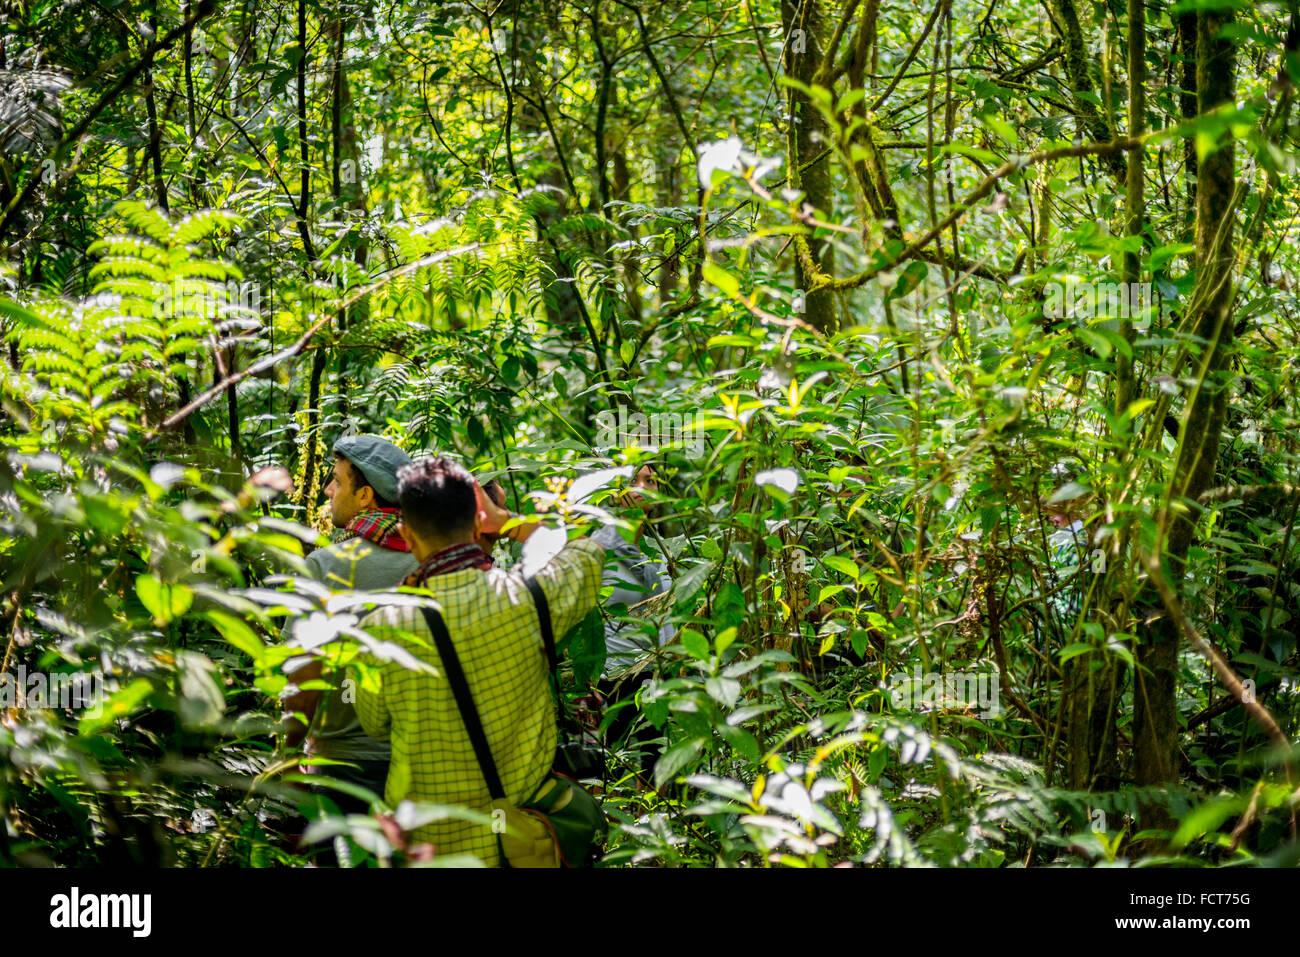 Rainforest trekking in Gede Pangrango National Park, Indonesia. © Reynold Sumayku - Stock Image